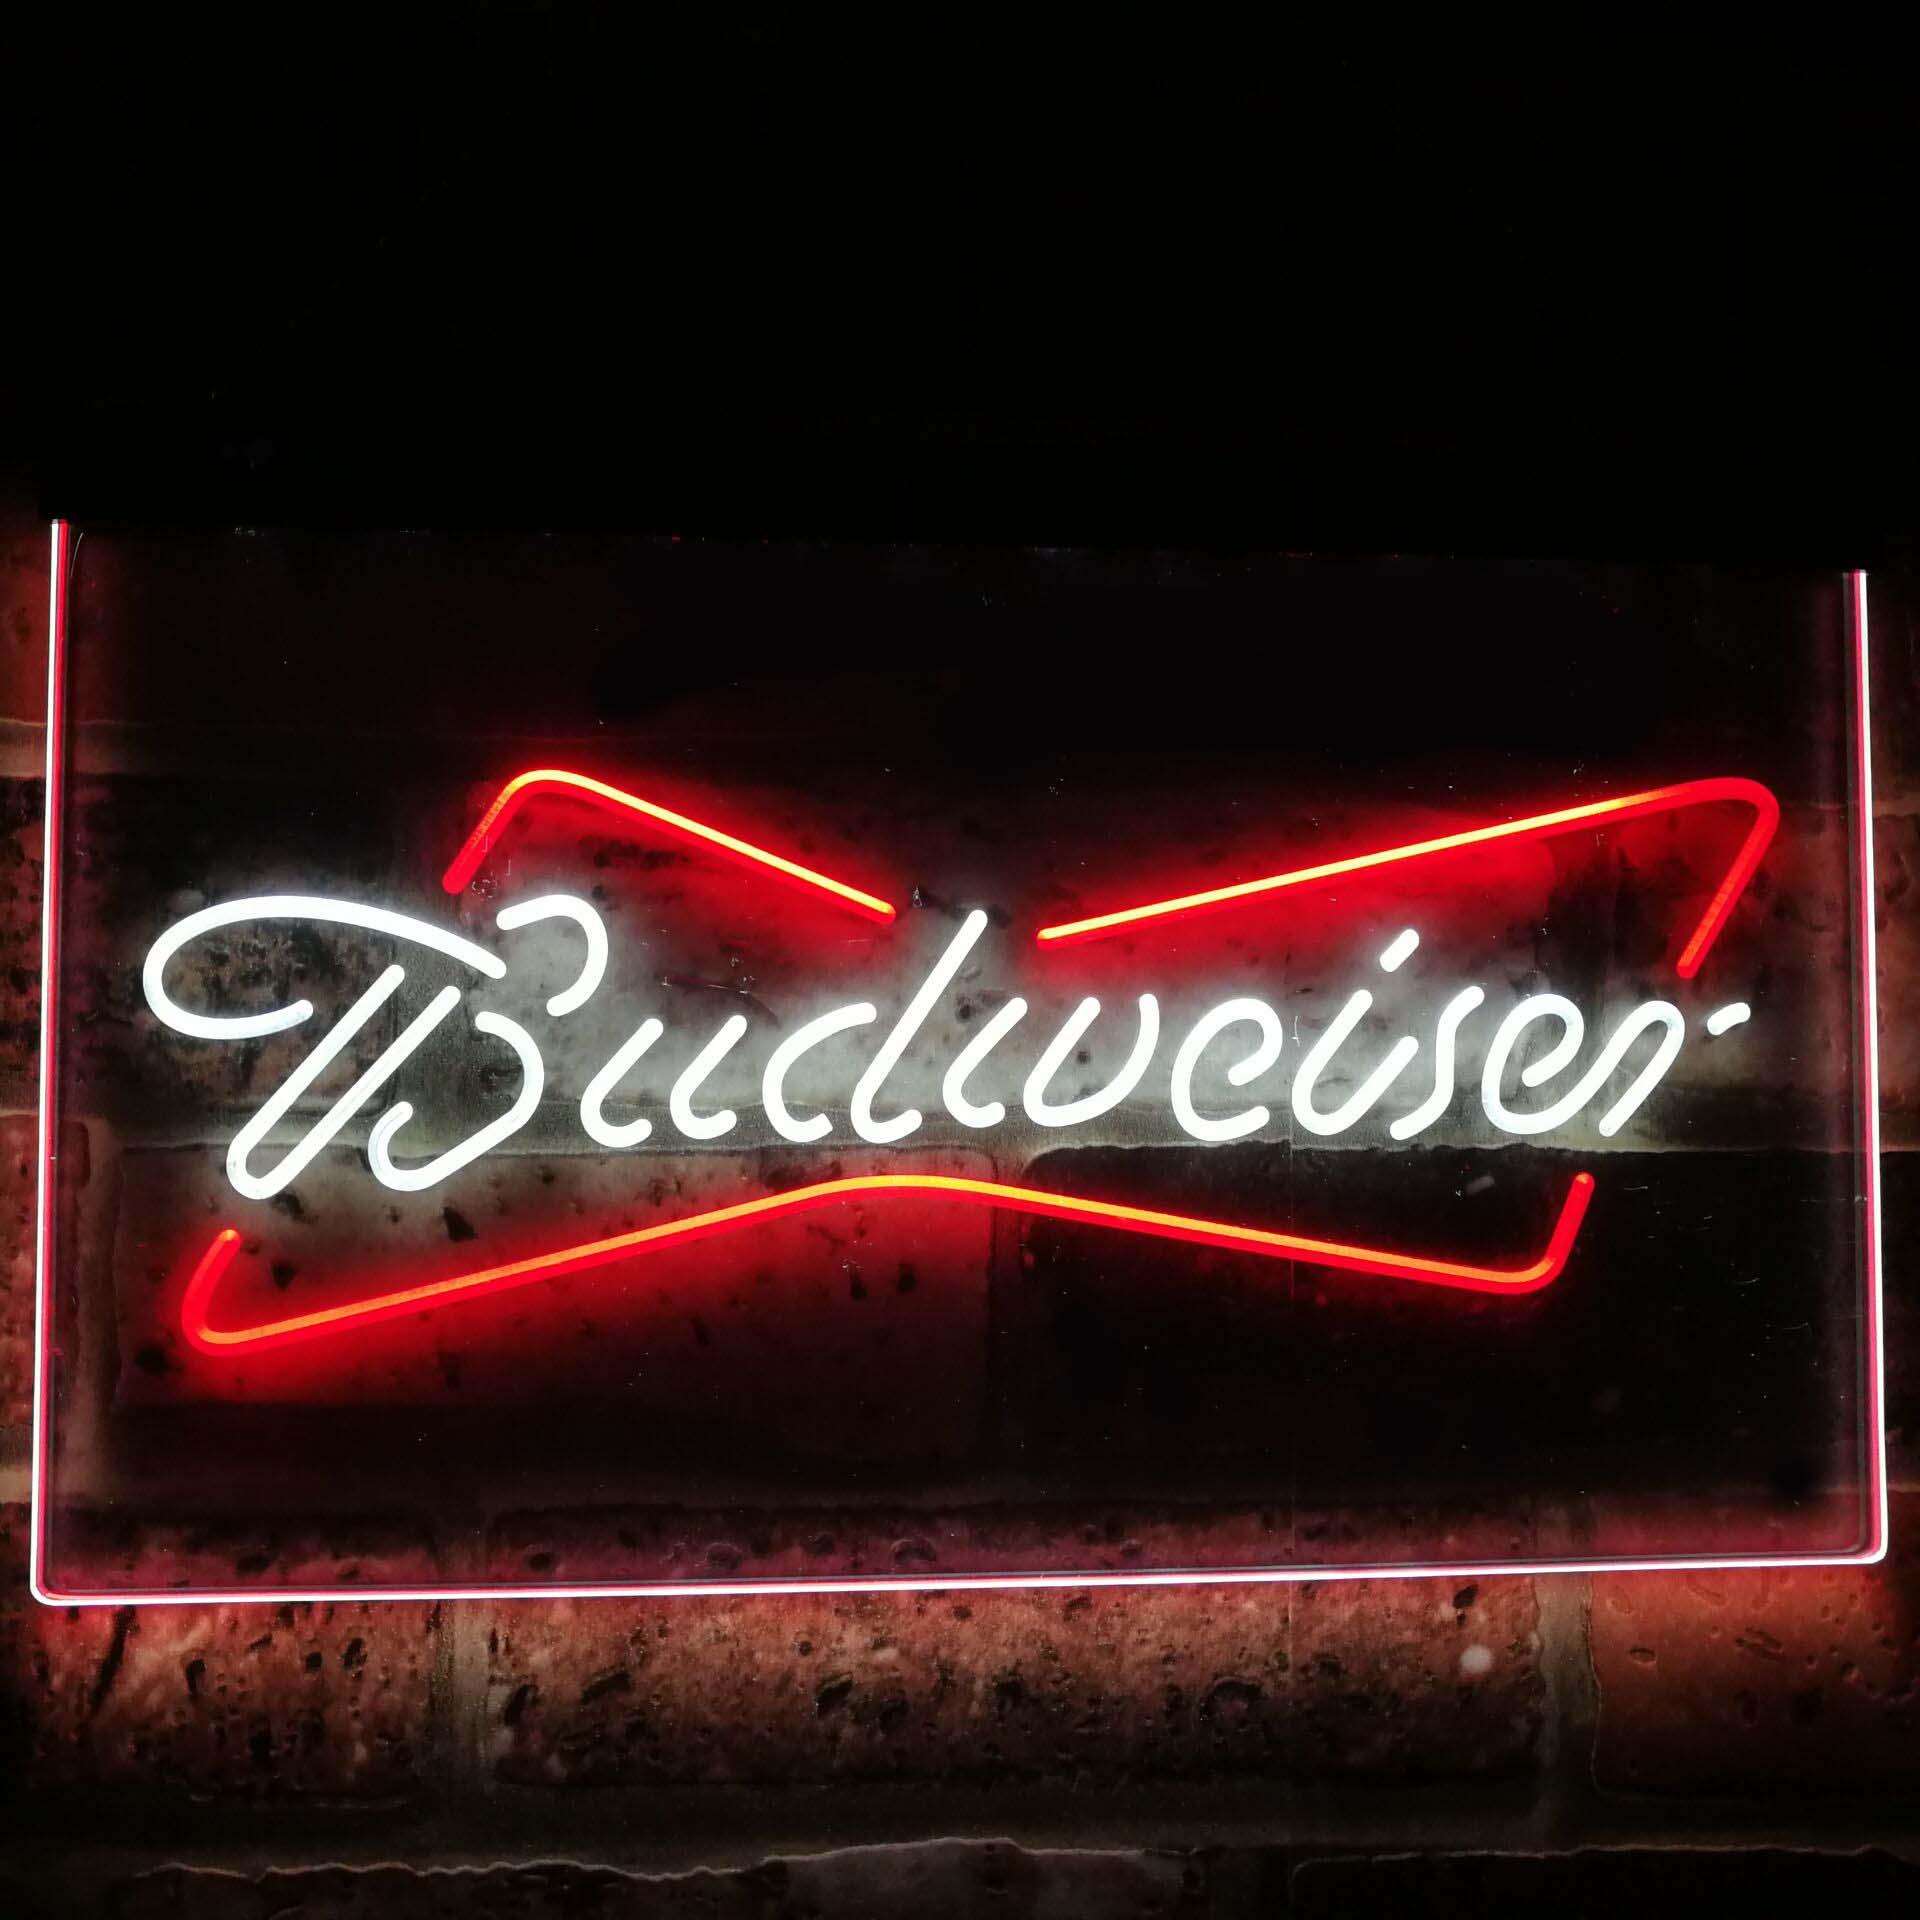 Budweiser Birra Classic Decorazione Della Barra Regalo Doppio Colore Ha Condotto La Luce Al Neon Segni st6-a2009Budweiser Birra Classic Decorazione Della Barra Regalo Doppio Colore Ha Condotto La Luce Al Neon Segni st6-a2009